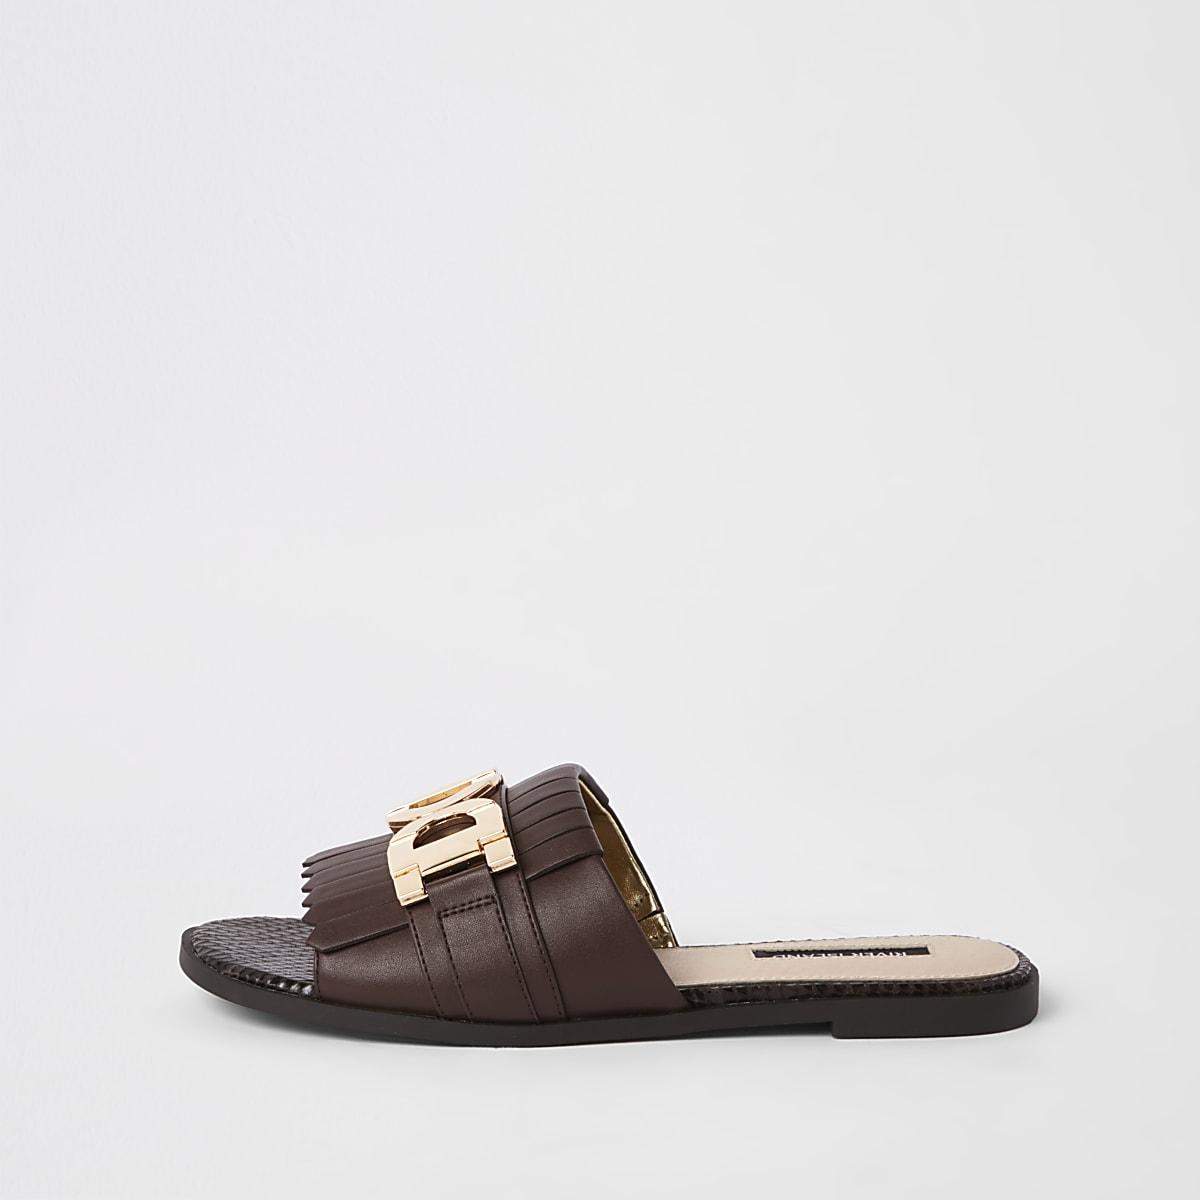 Bruine peeptoe loafers zonder achterkant met brede pasvorm